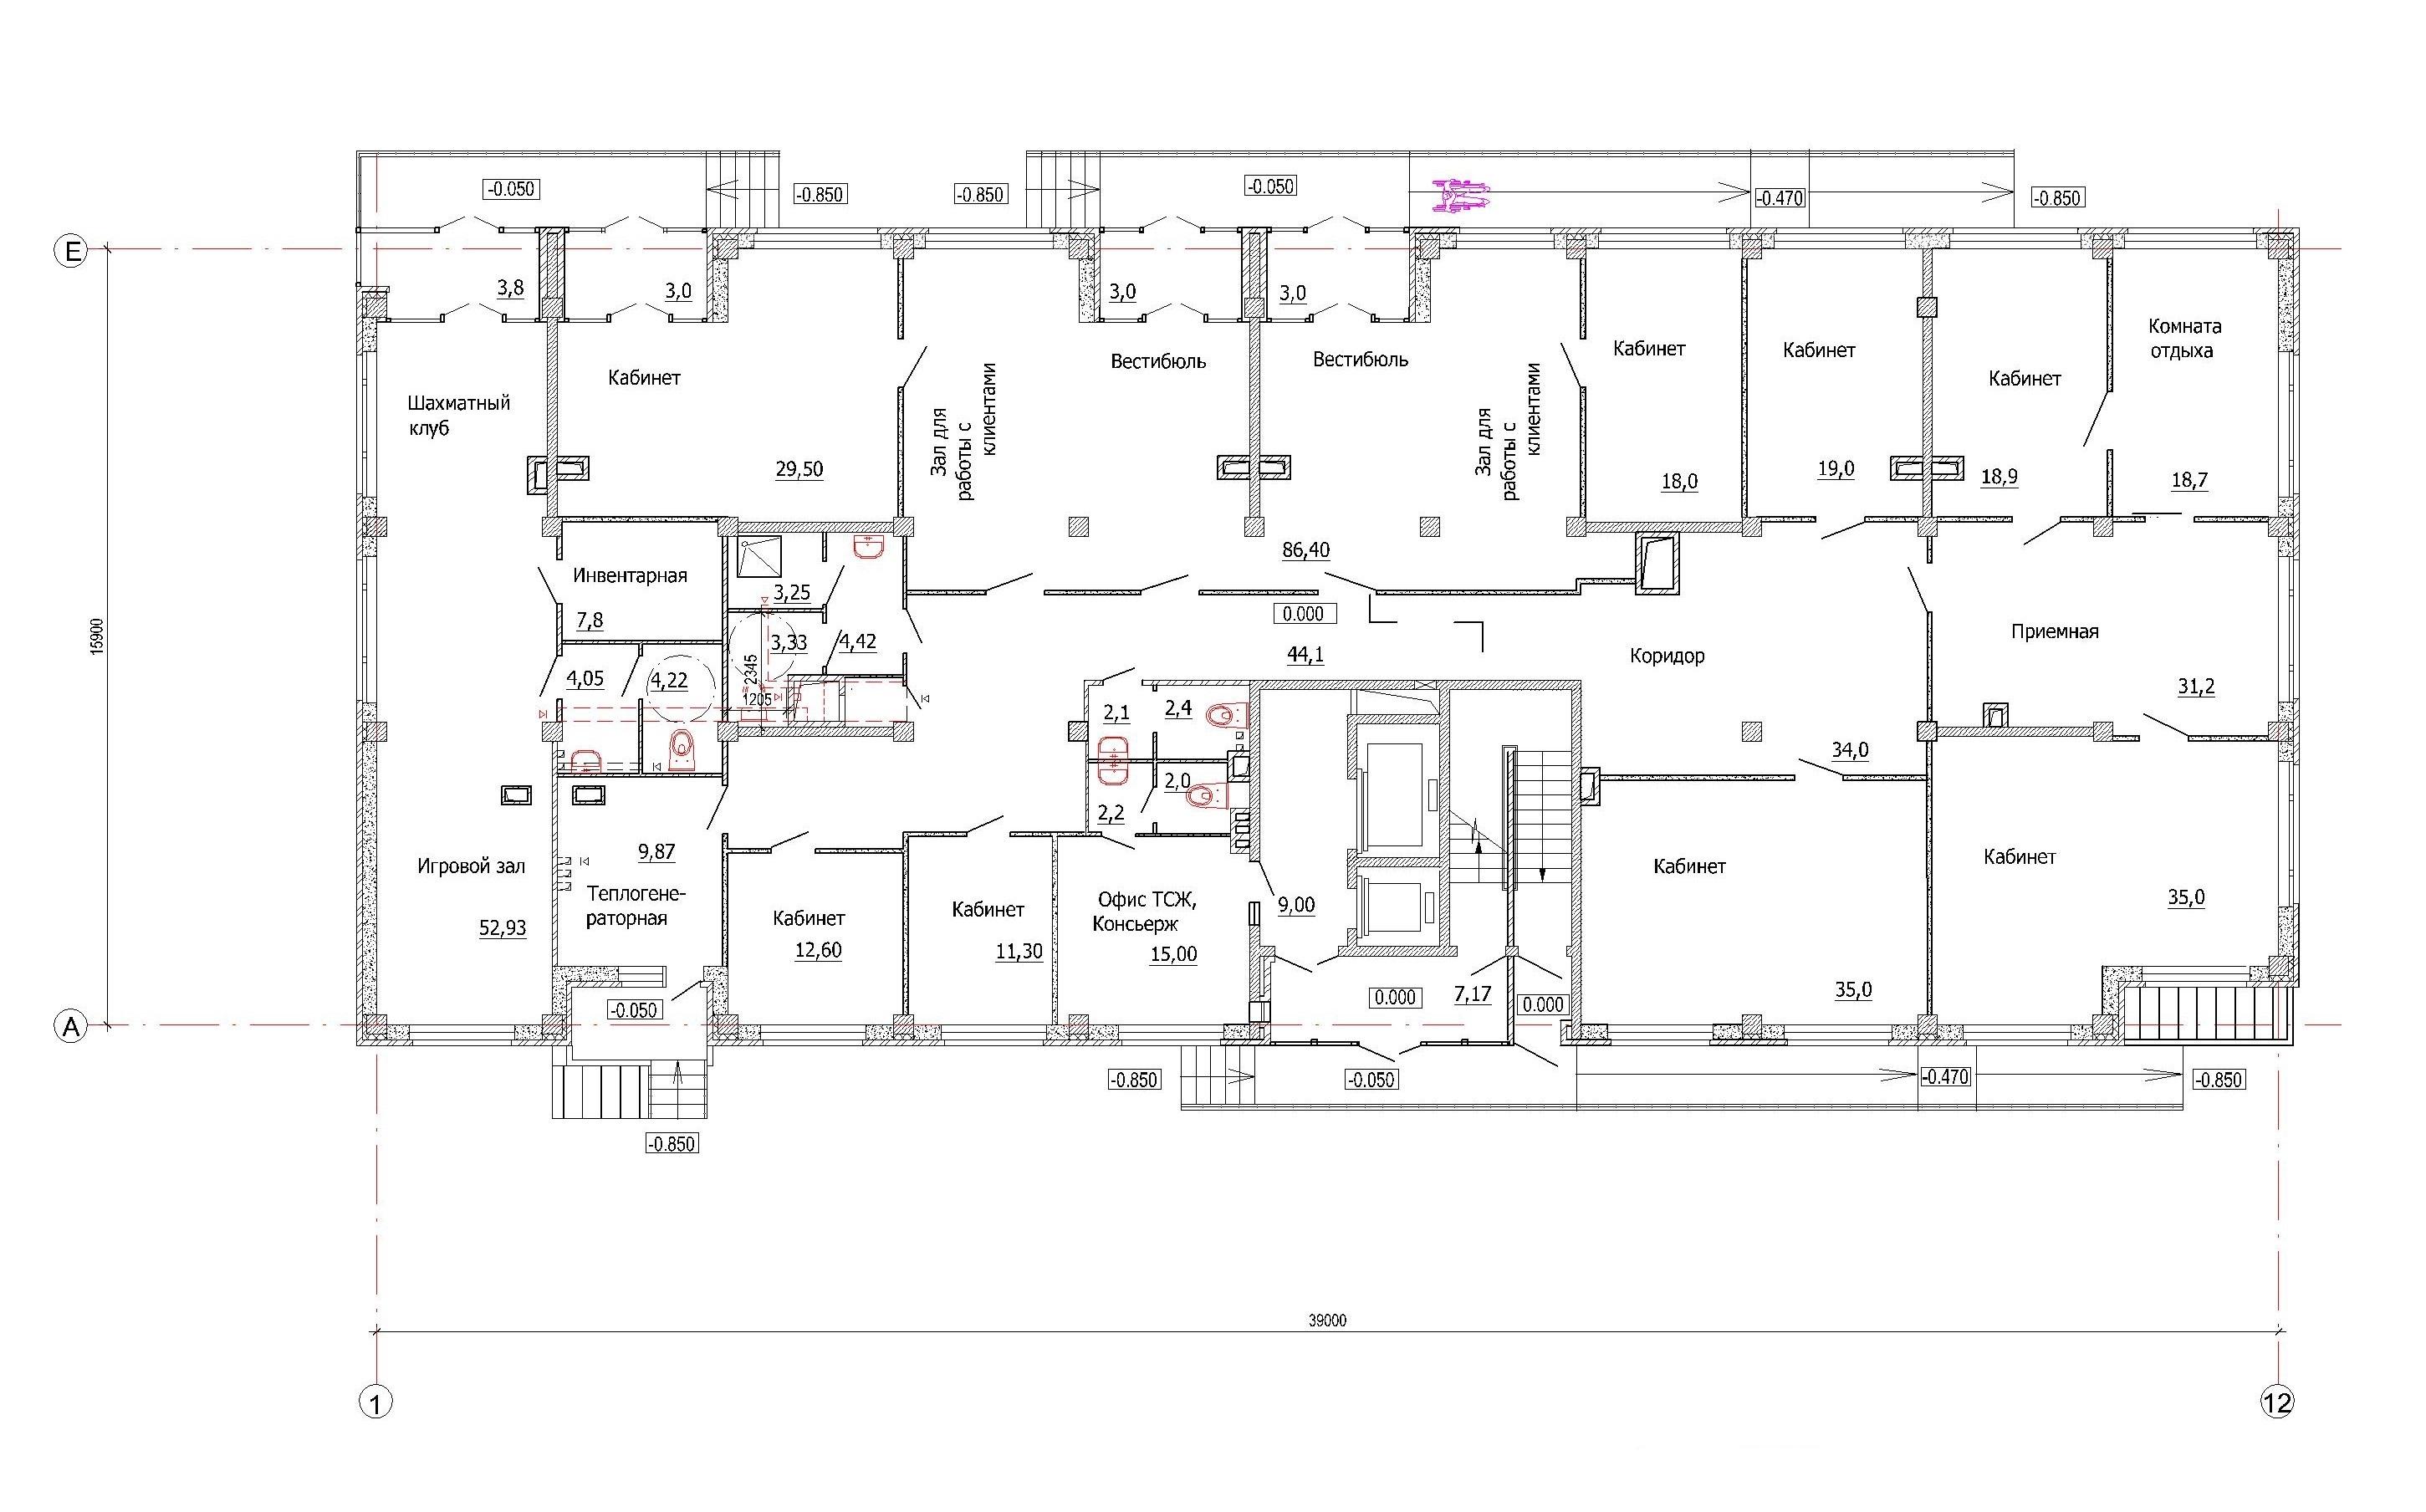 Проект 10-ти этажного многоквартирного дома. План первого этажа